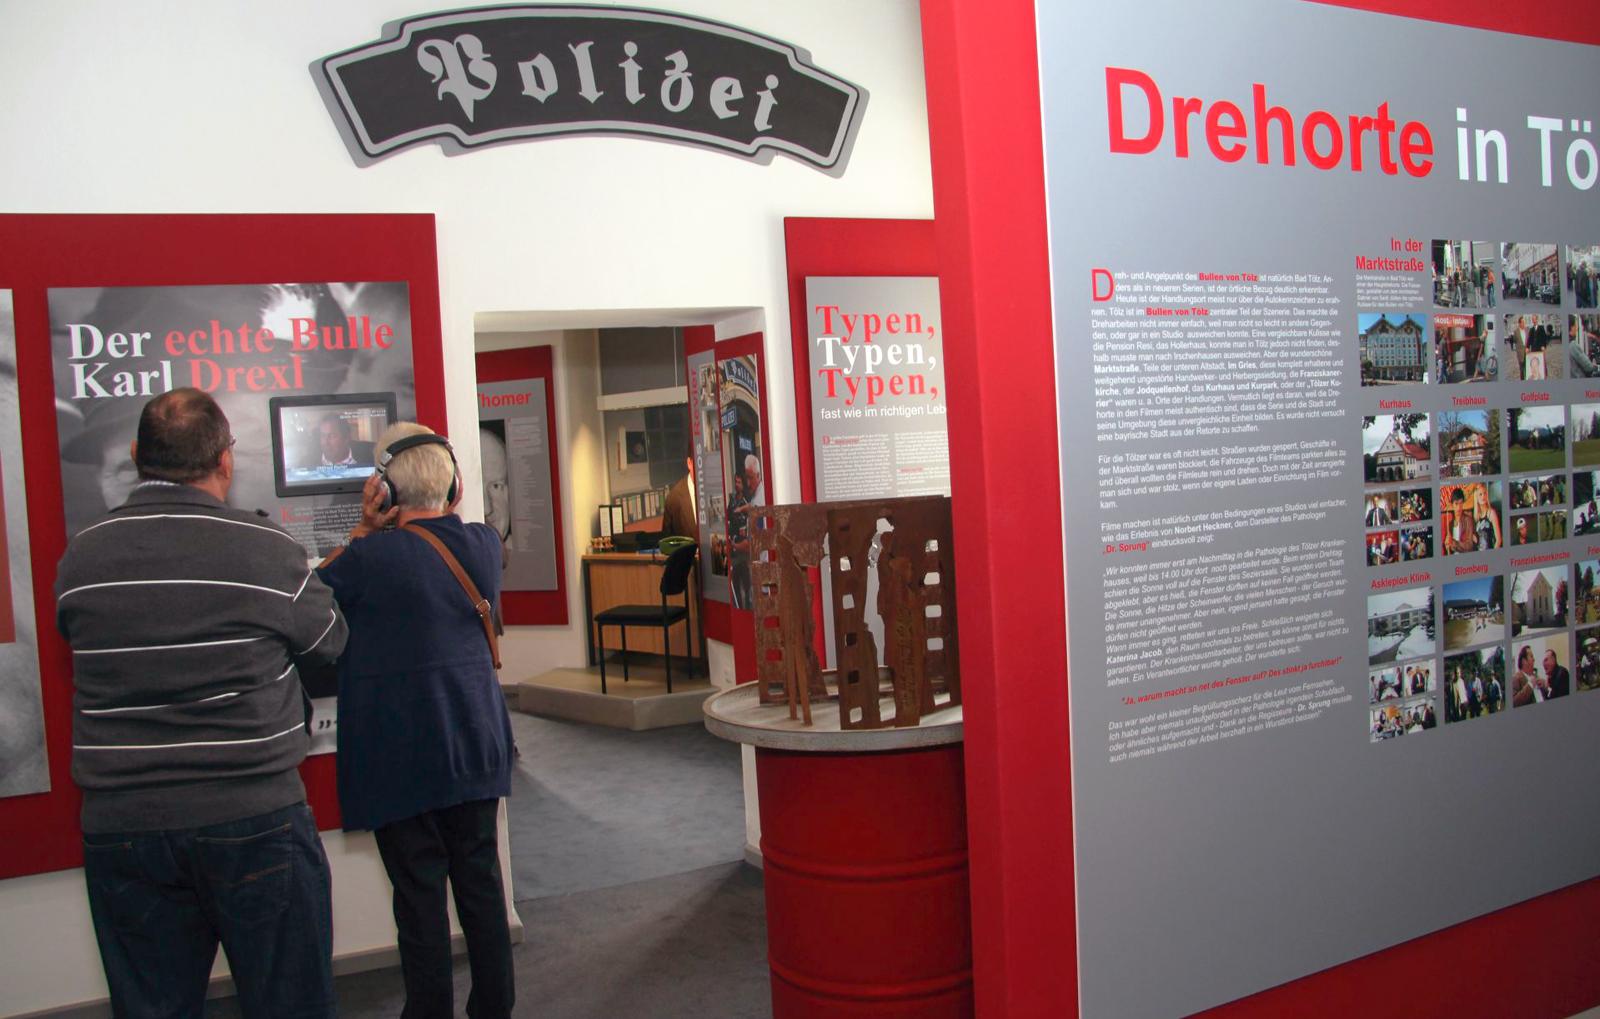 film-und-drehortreisen-bad-toelz-bg2